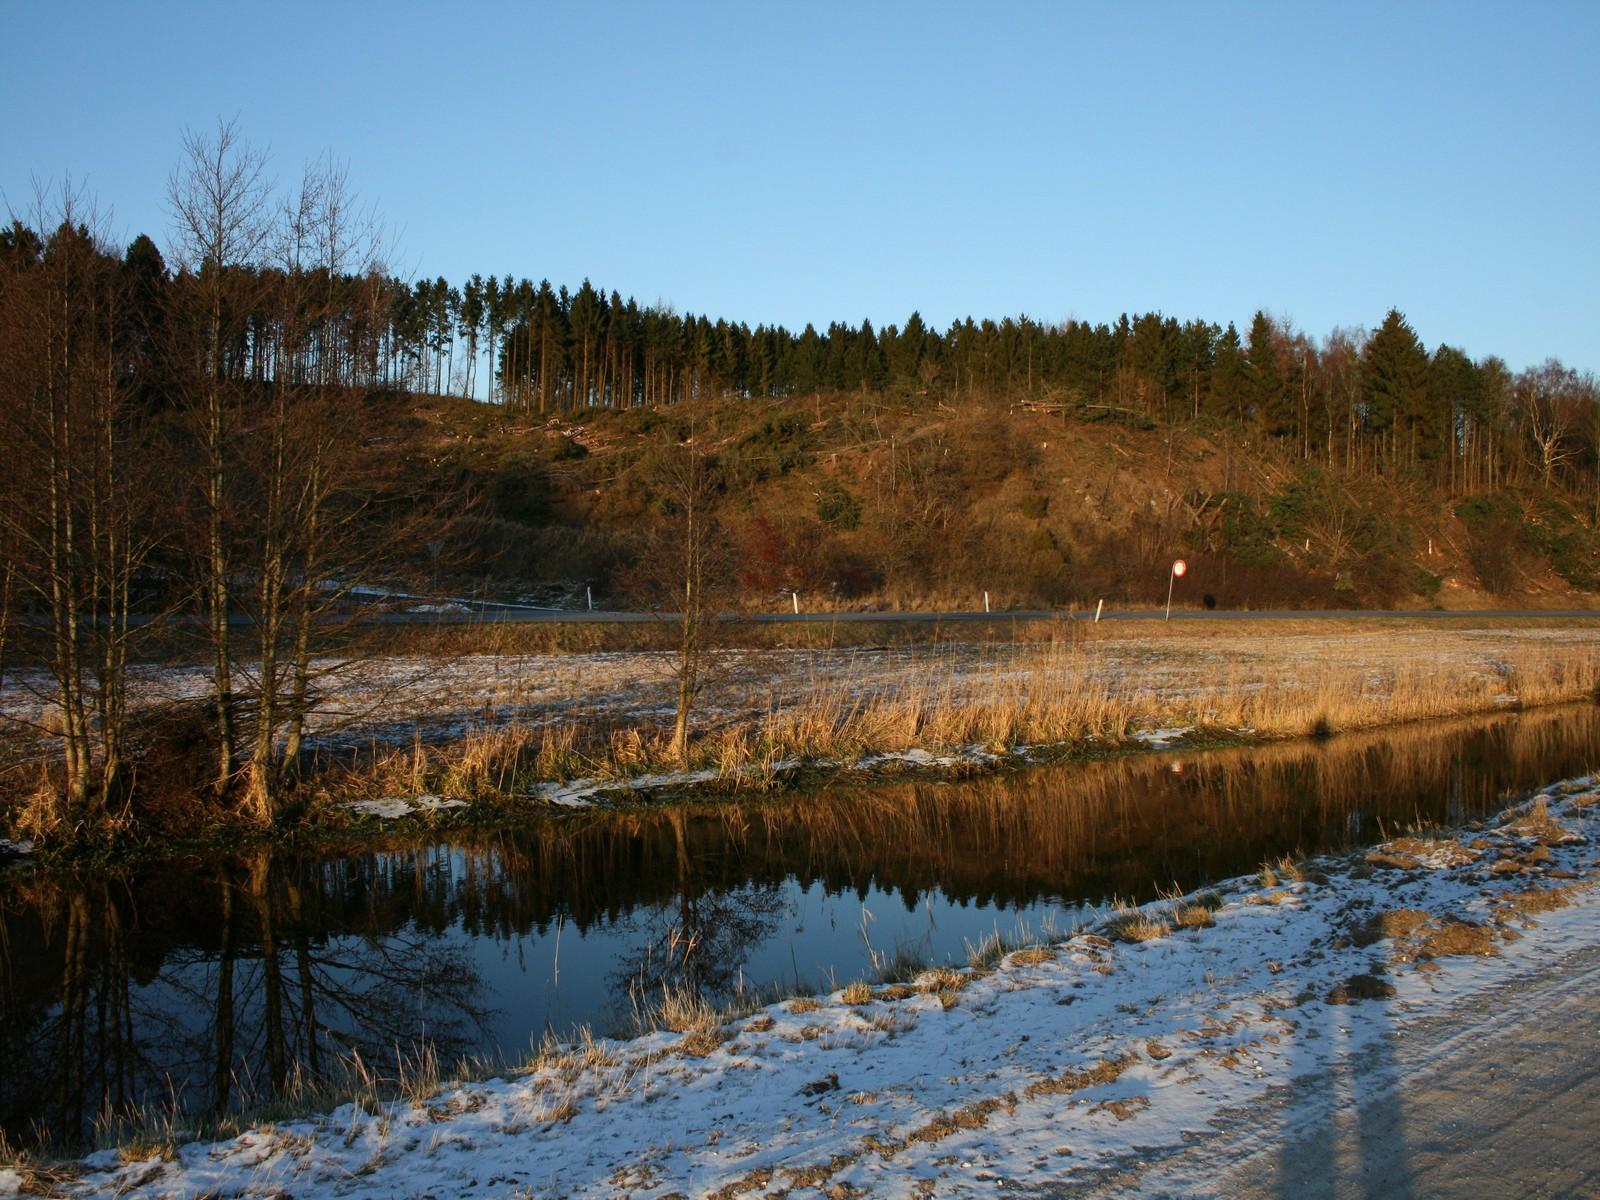 Ginnerup, skov